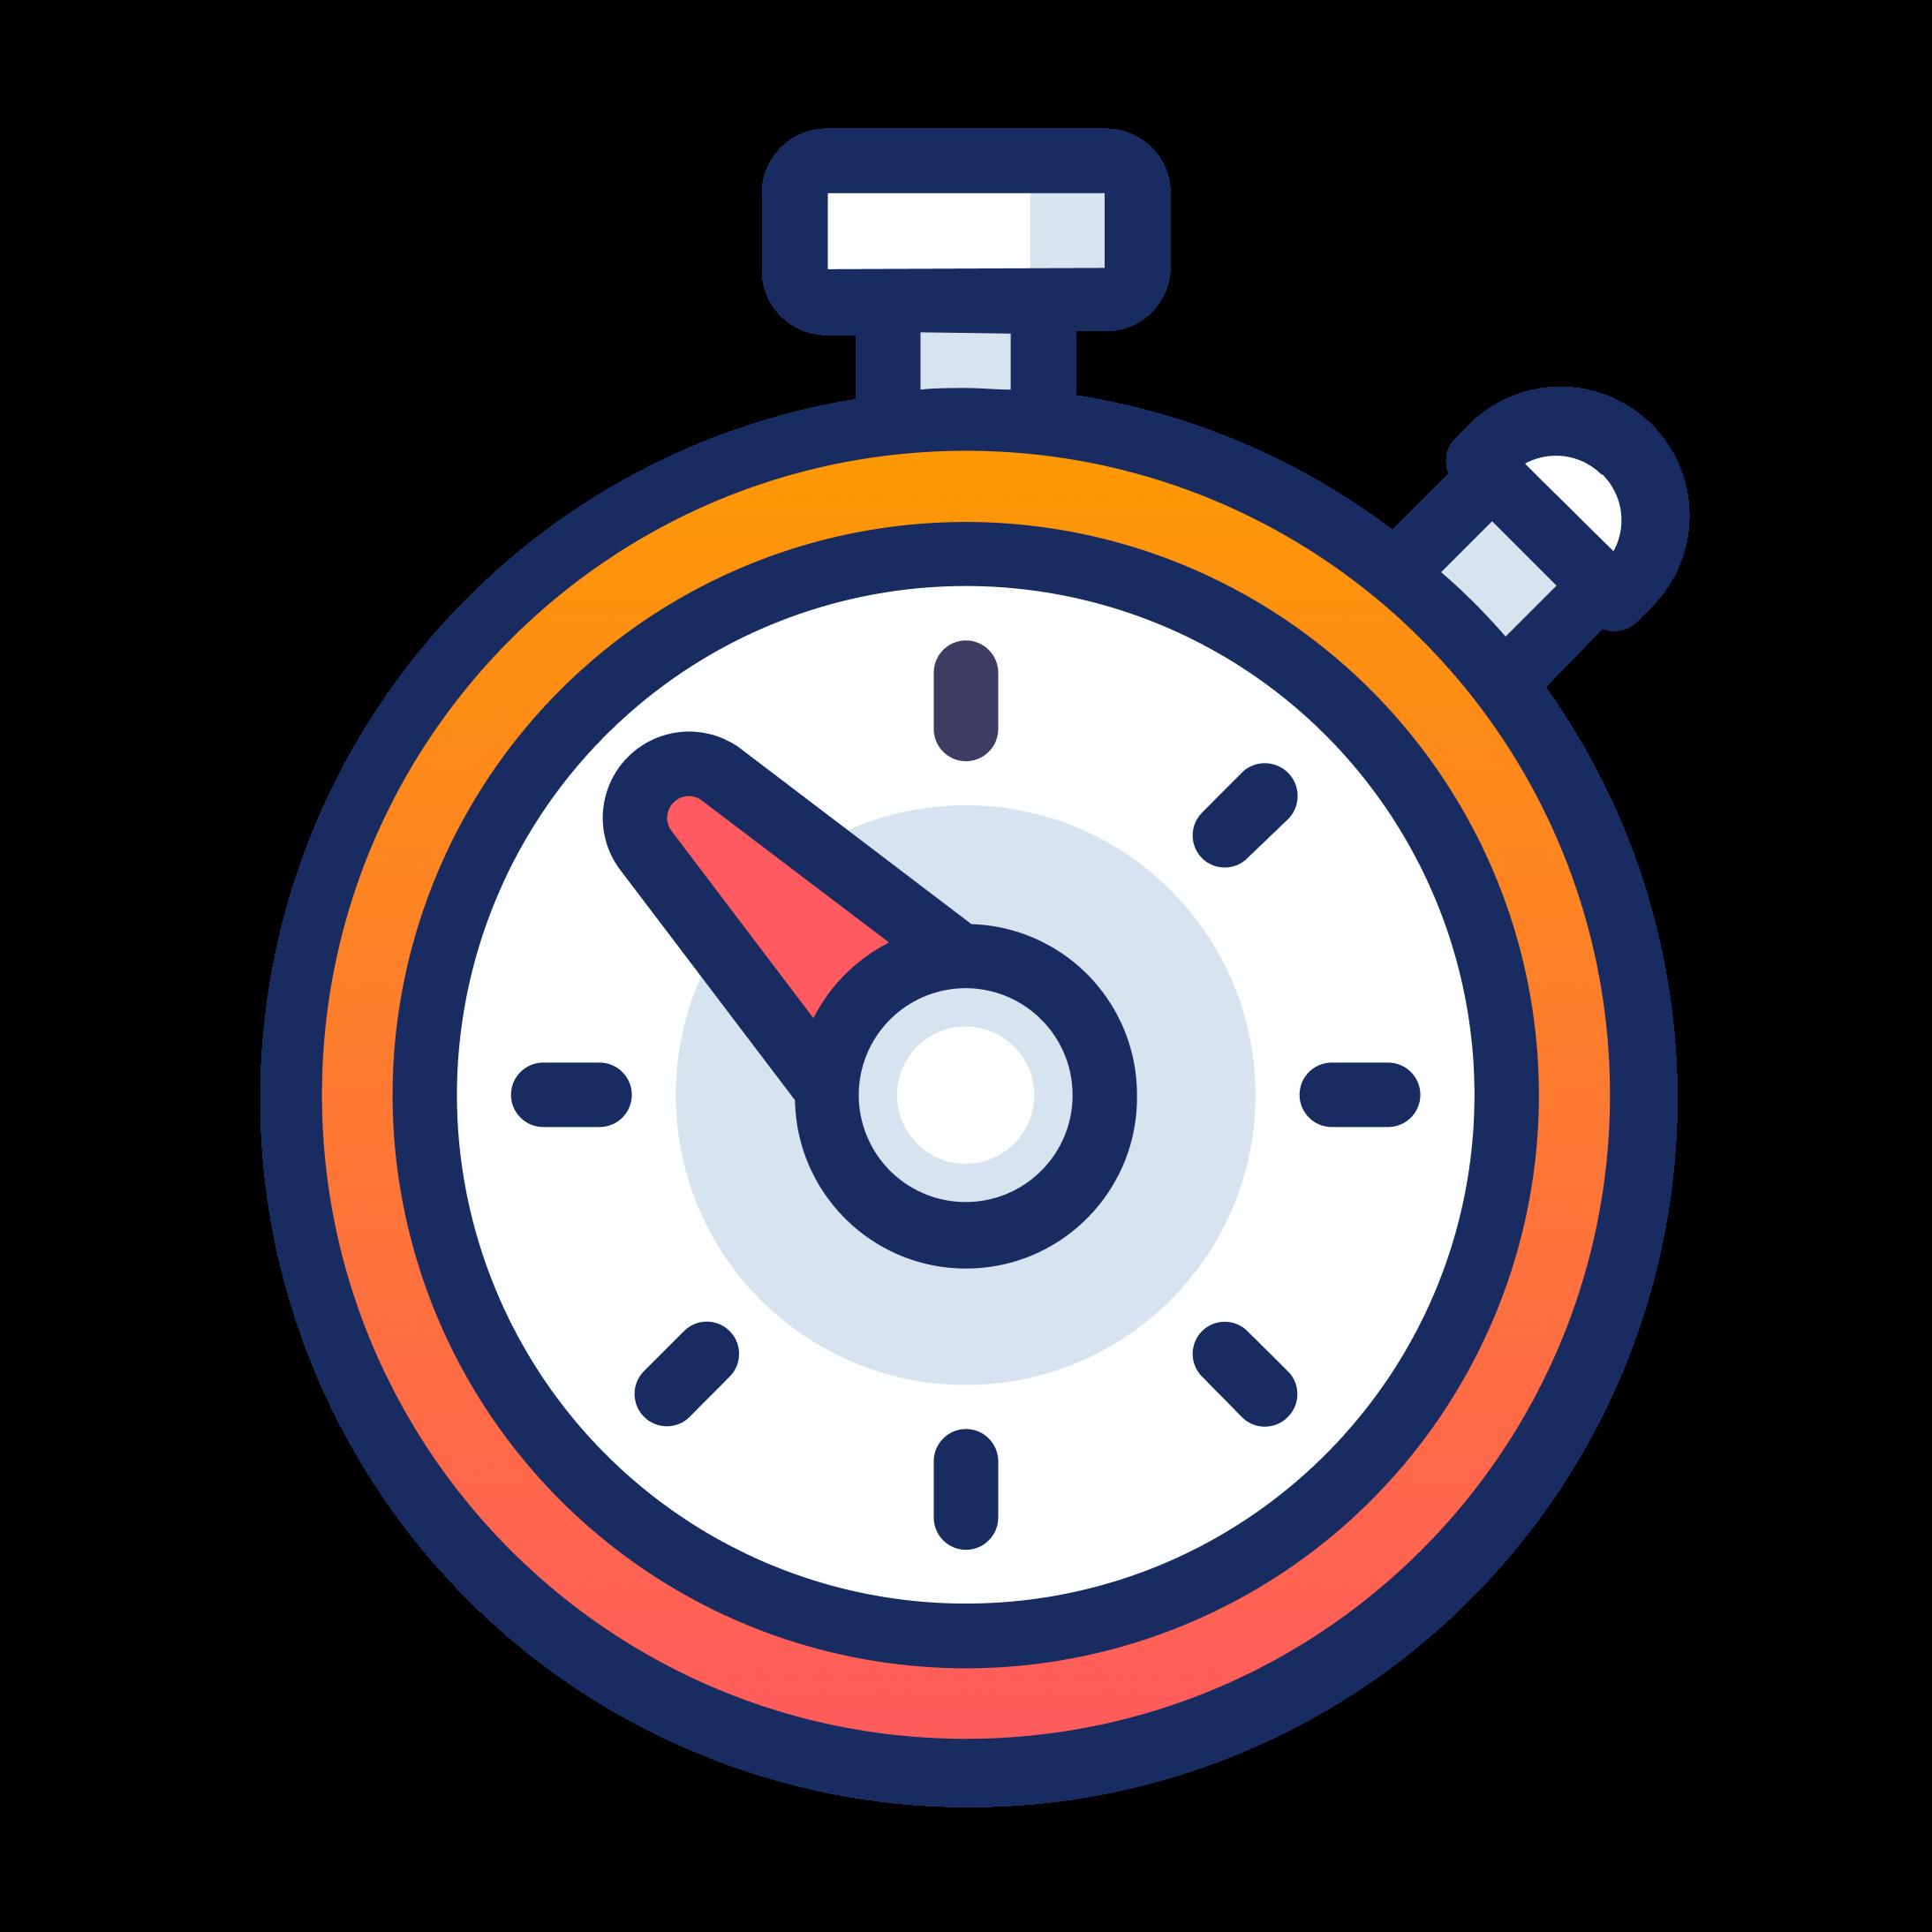 Stopwatch (1)